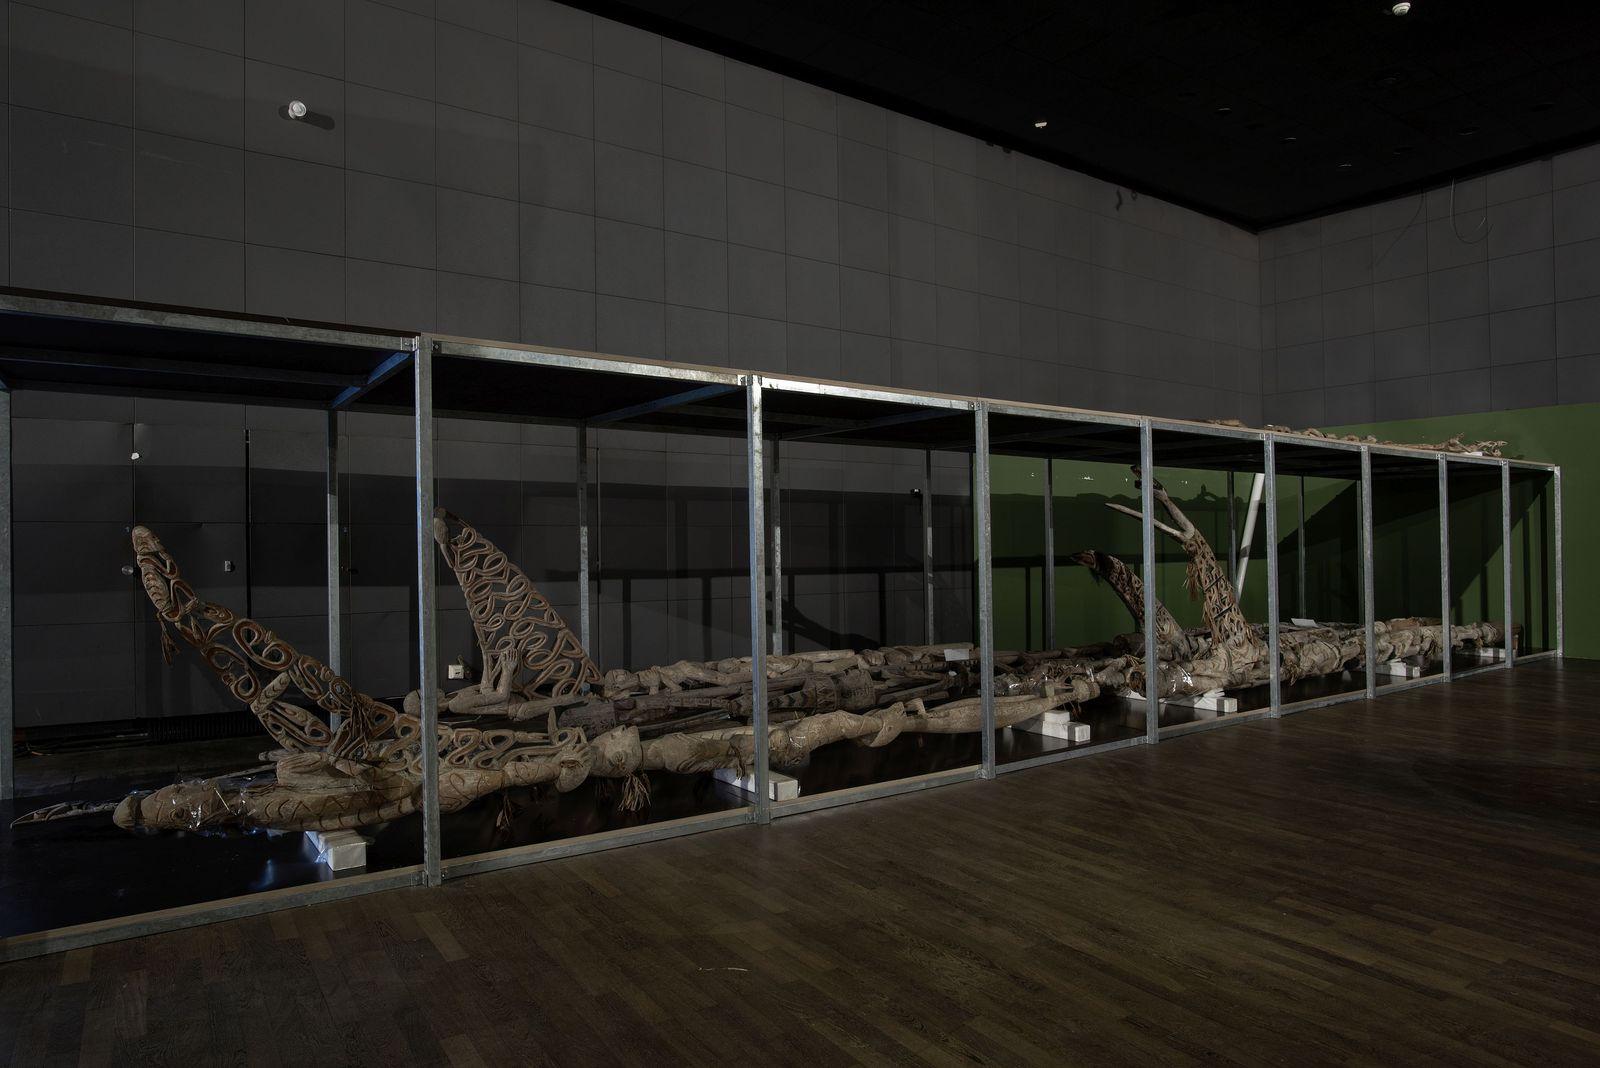 Das Ethnologischen Museum beherbergt Objekte aus aller Welt - unter anderem diese Südsee-Ahnenpfähle. Foto: Staatliche Museen zu Berlin, Claudia Obrocki